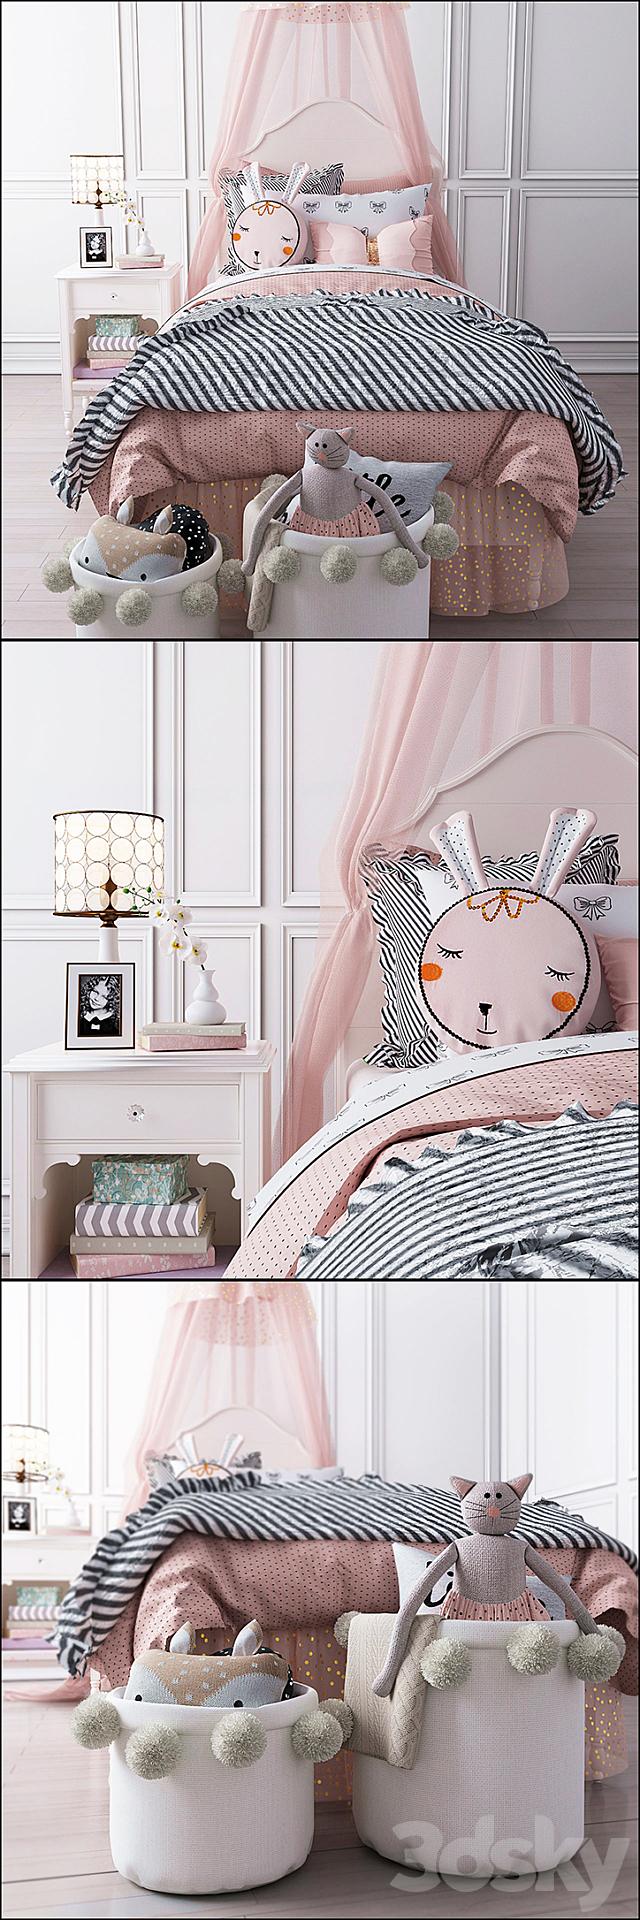 Pottery Barn Juliette bedroom set